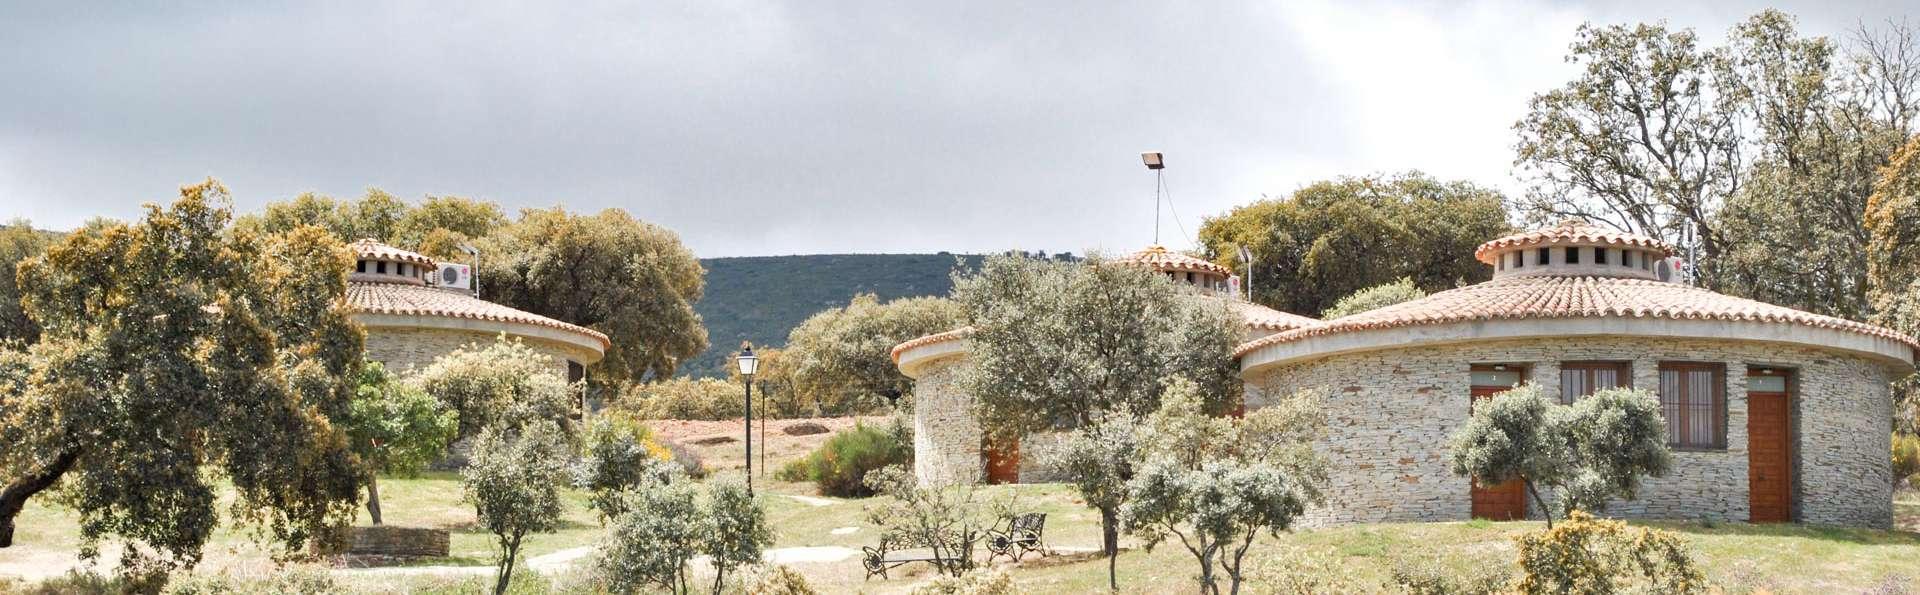 Chozos Rurales de Carrascalejo - EDIT_EXTERIOR_02.jpg